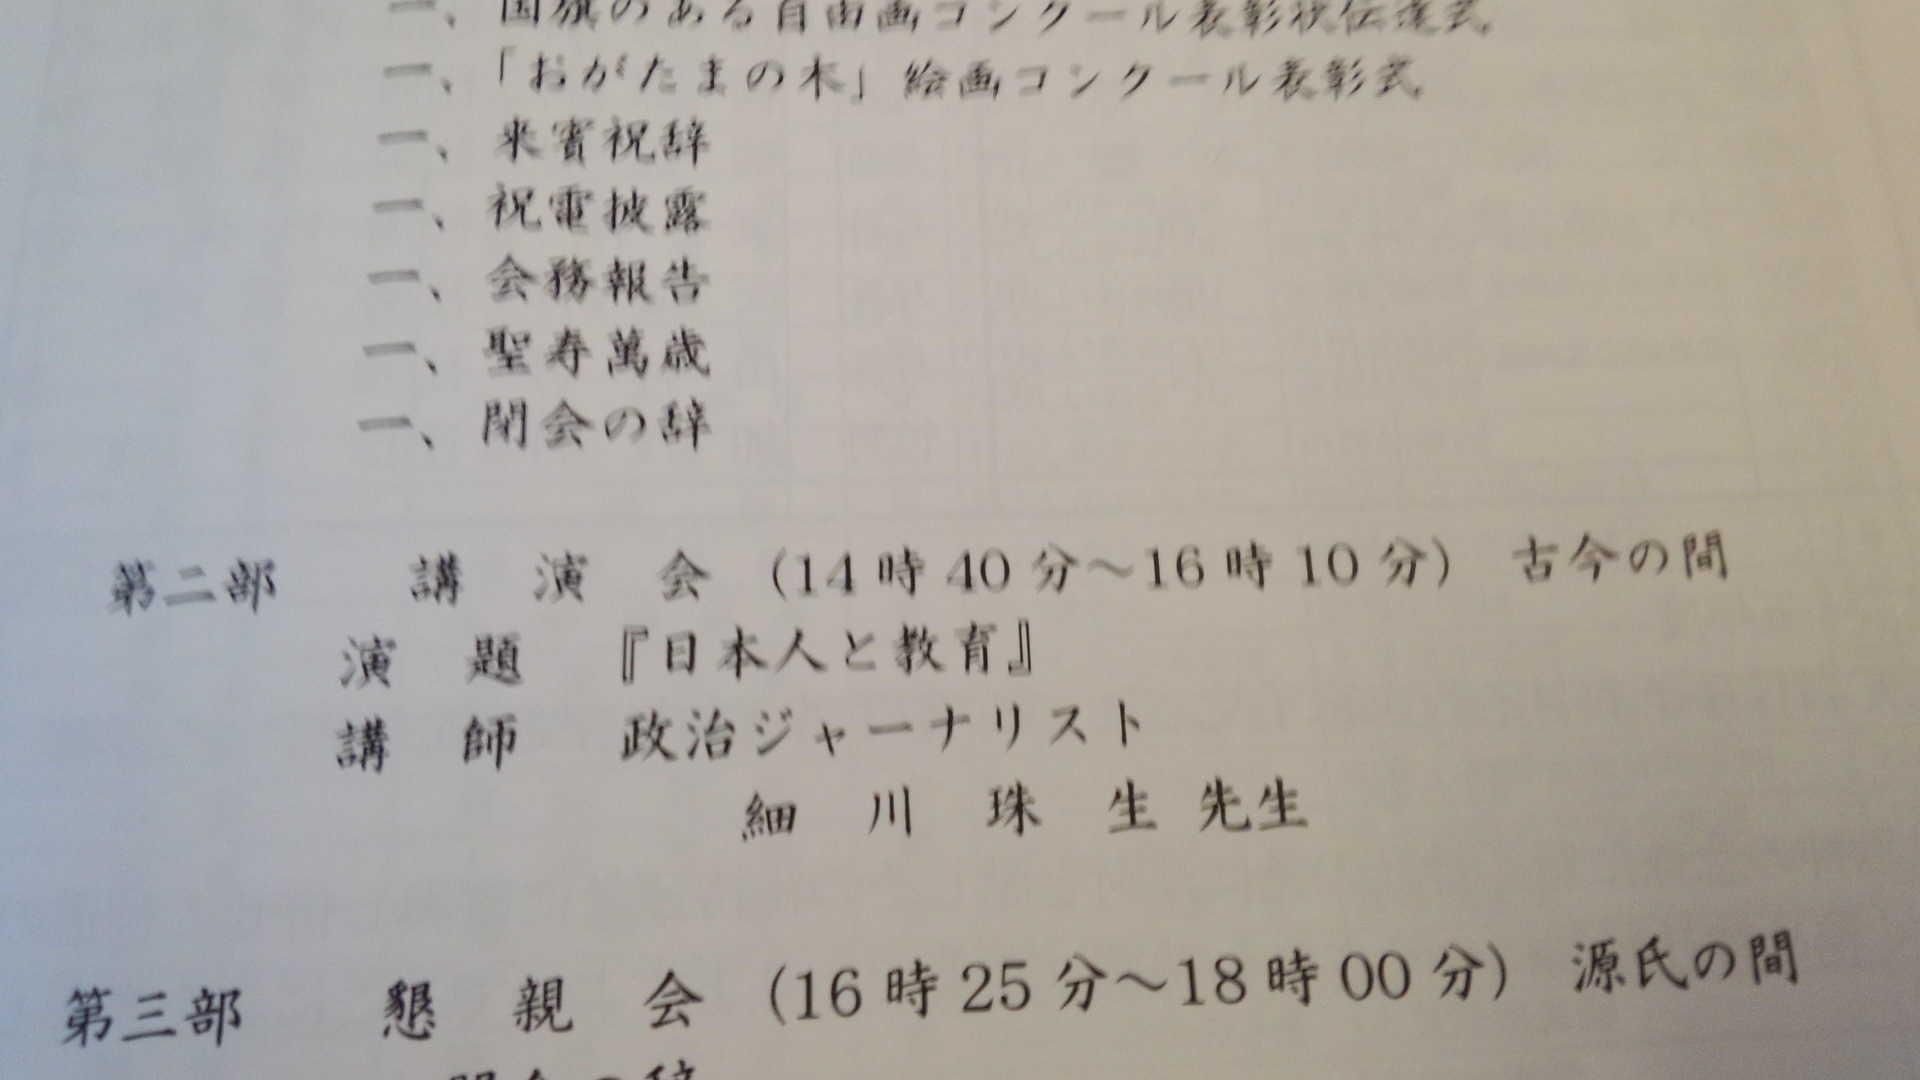 せっかくの京都なのに_d0339894_10560070.jpg